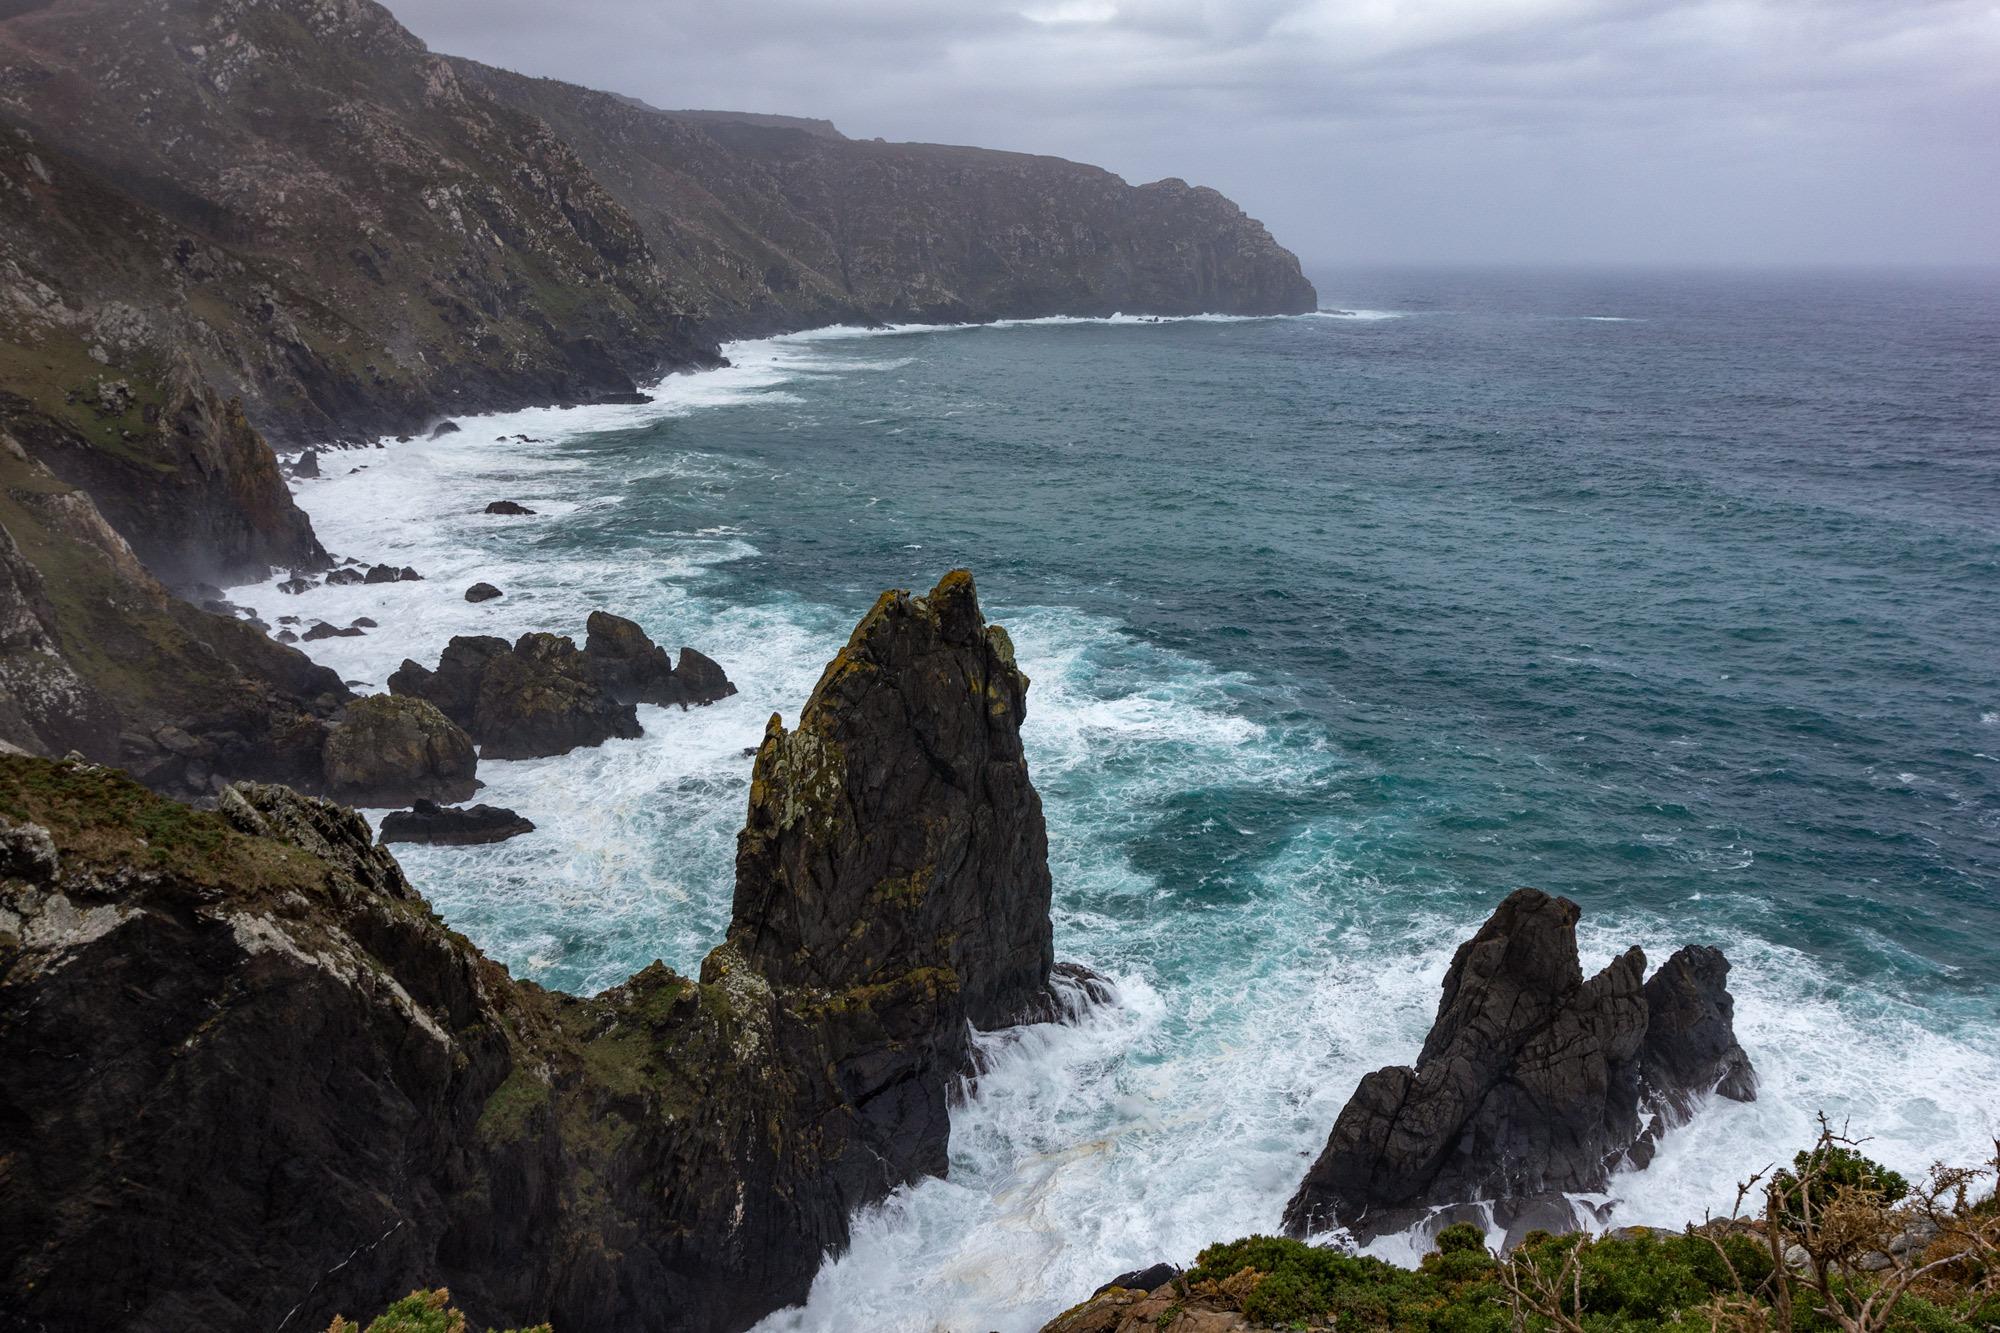 Cantís de Cabo Ortegal